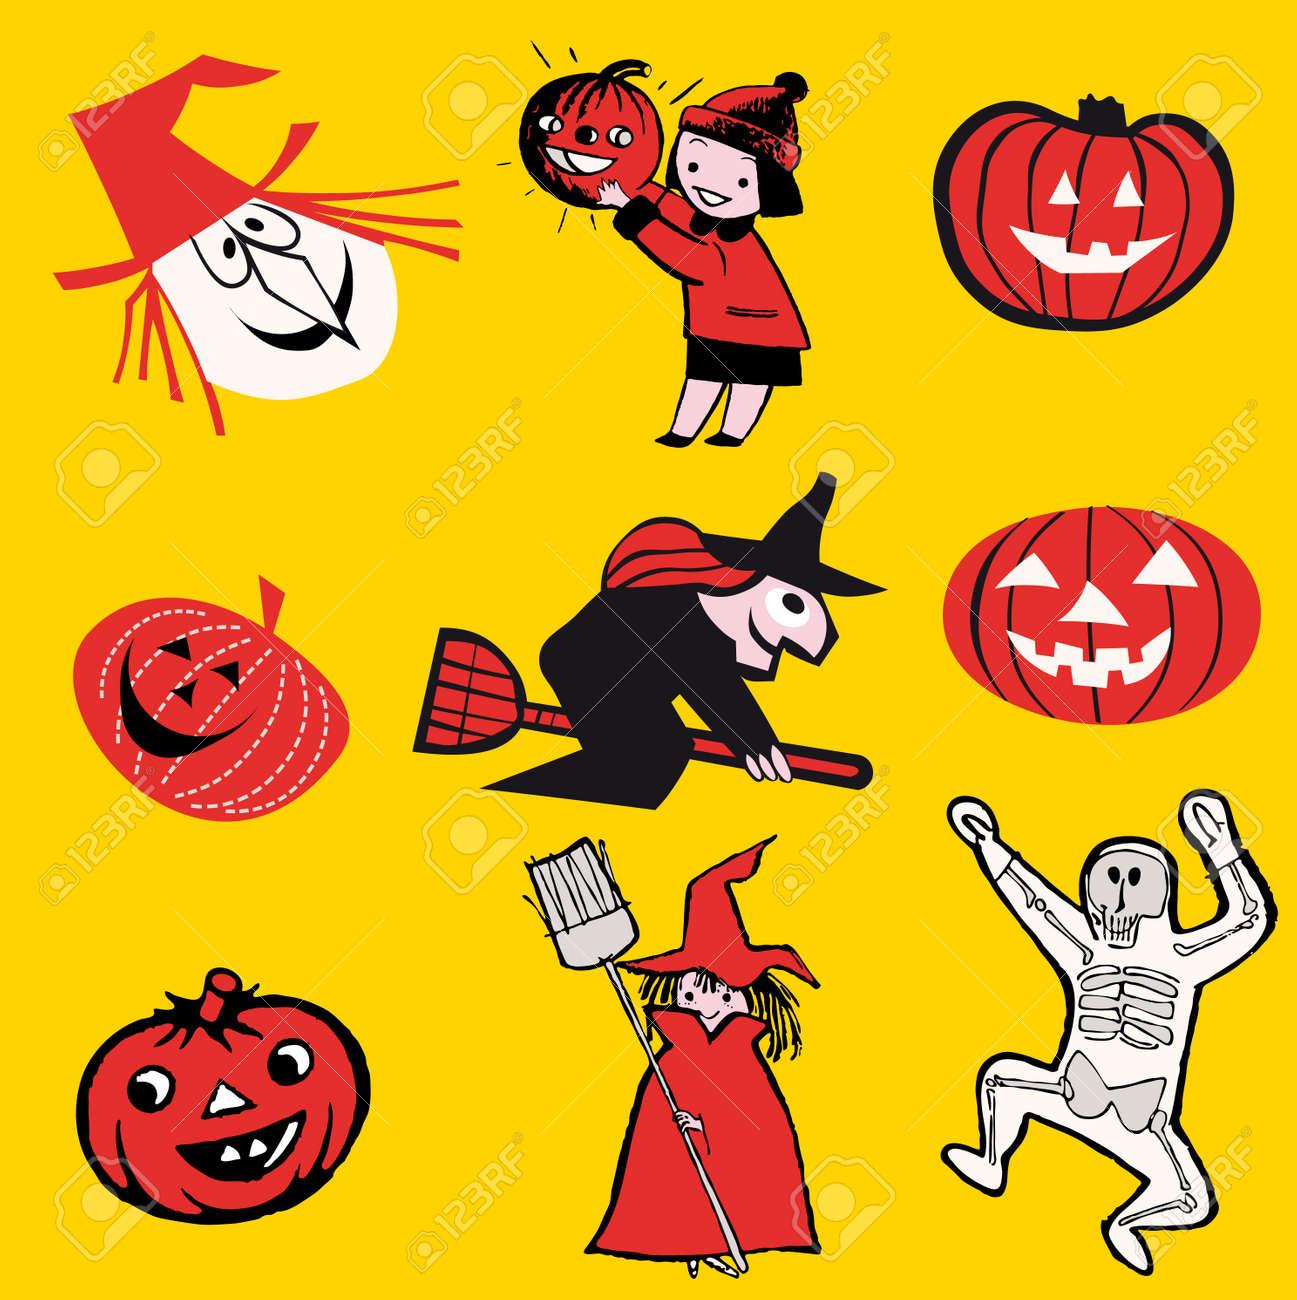 Set Of Illustrations Halloween Theme Cartoon Stock Vector 6475752